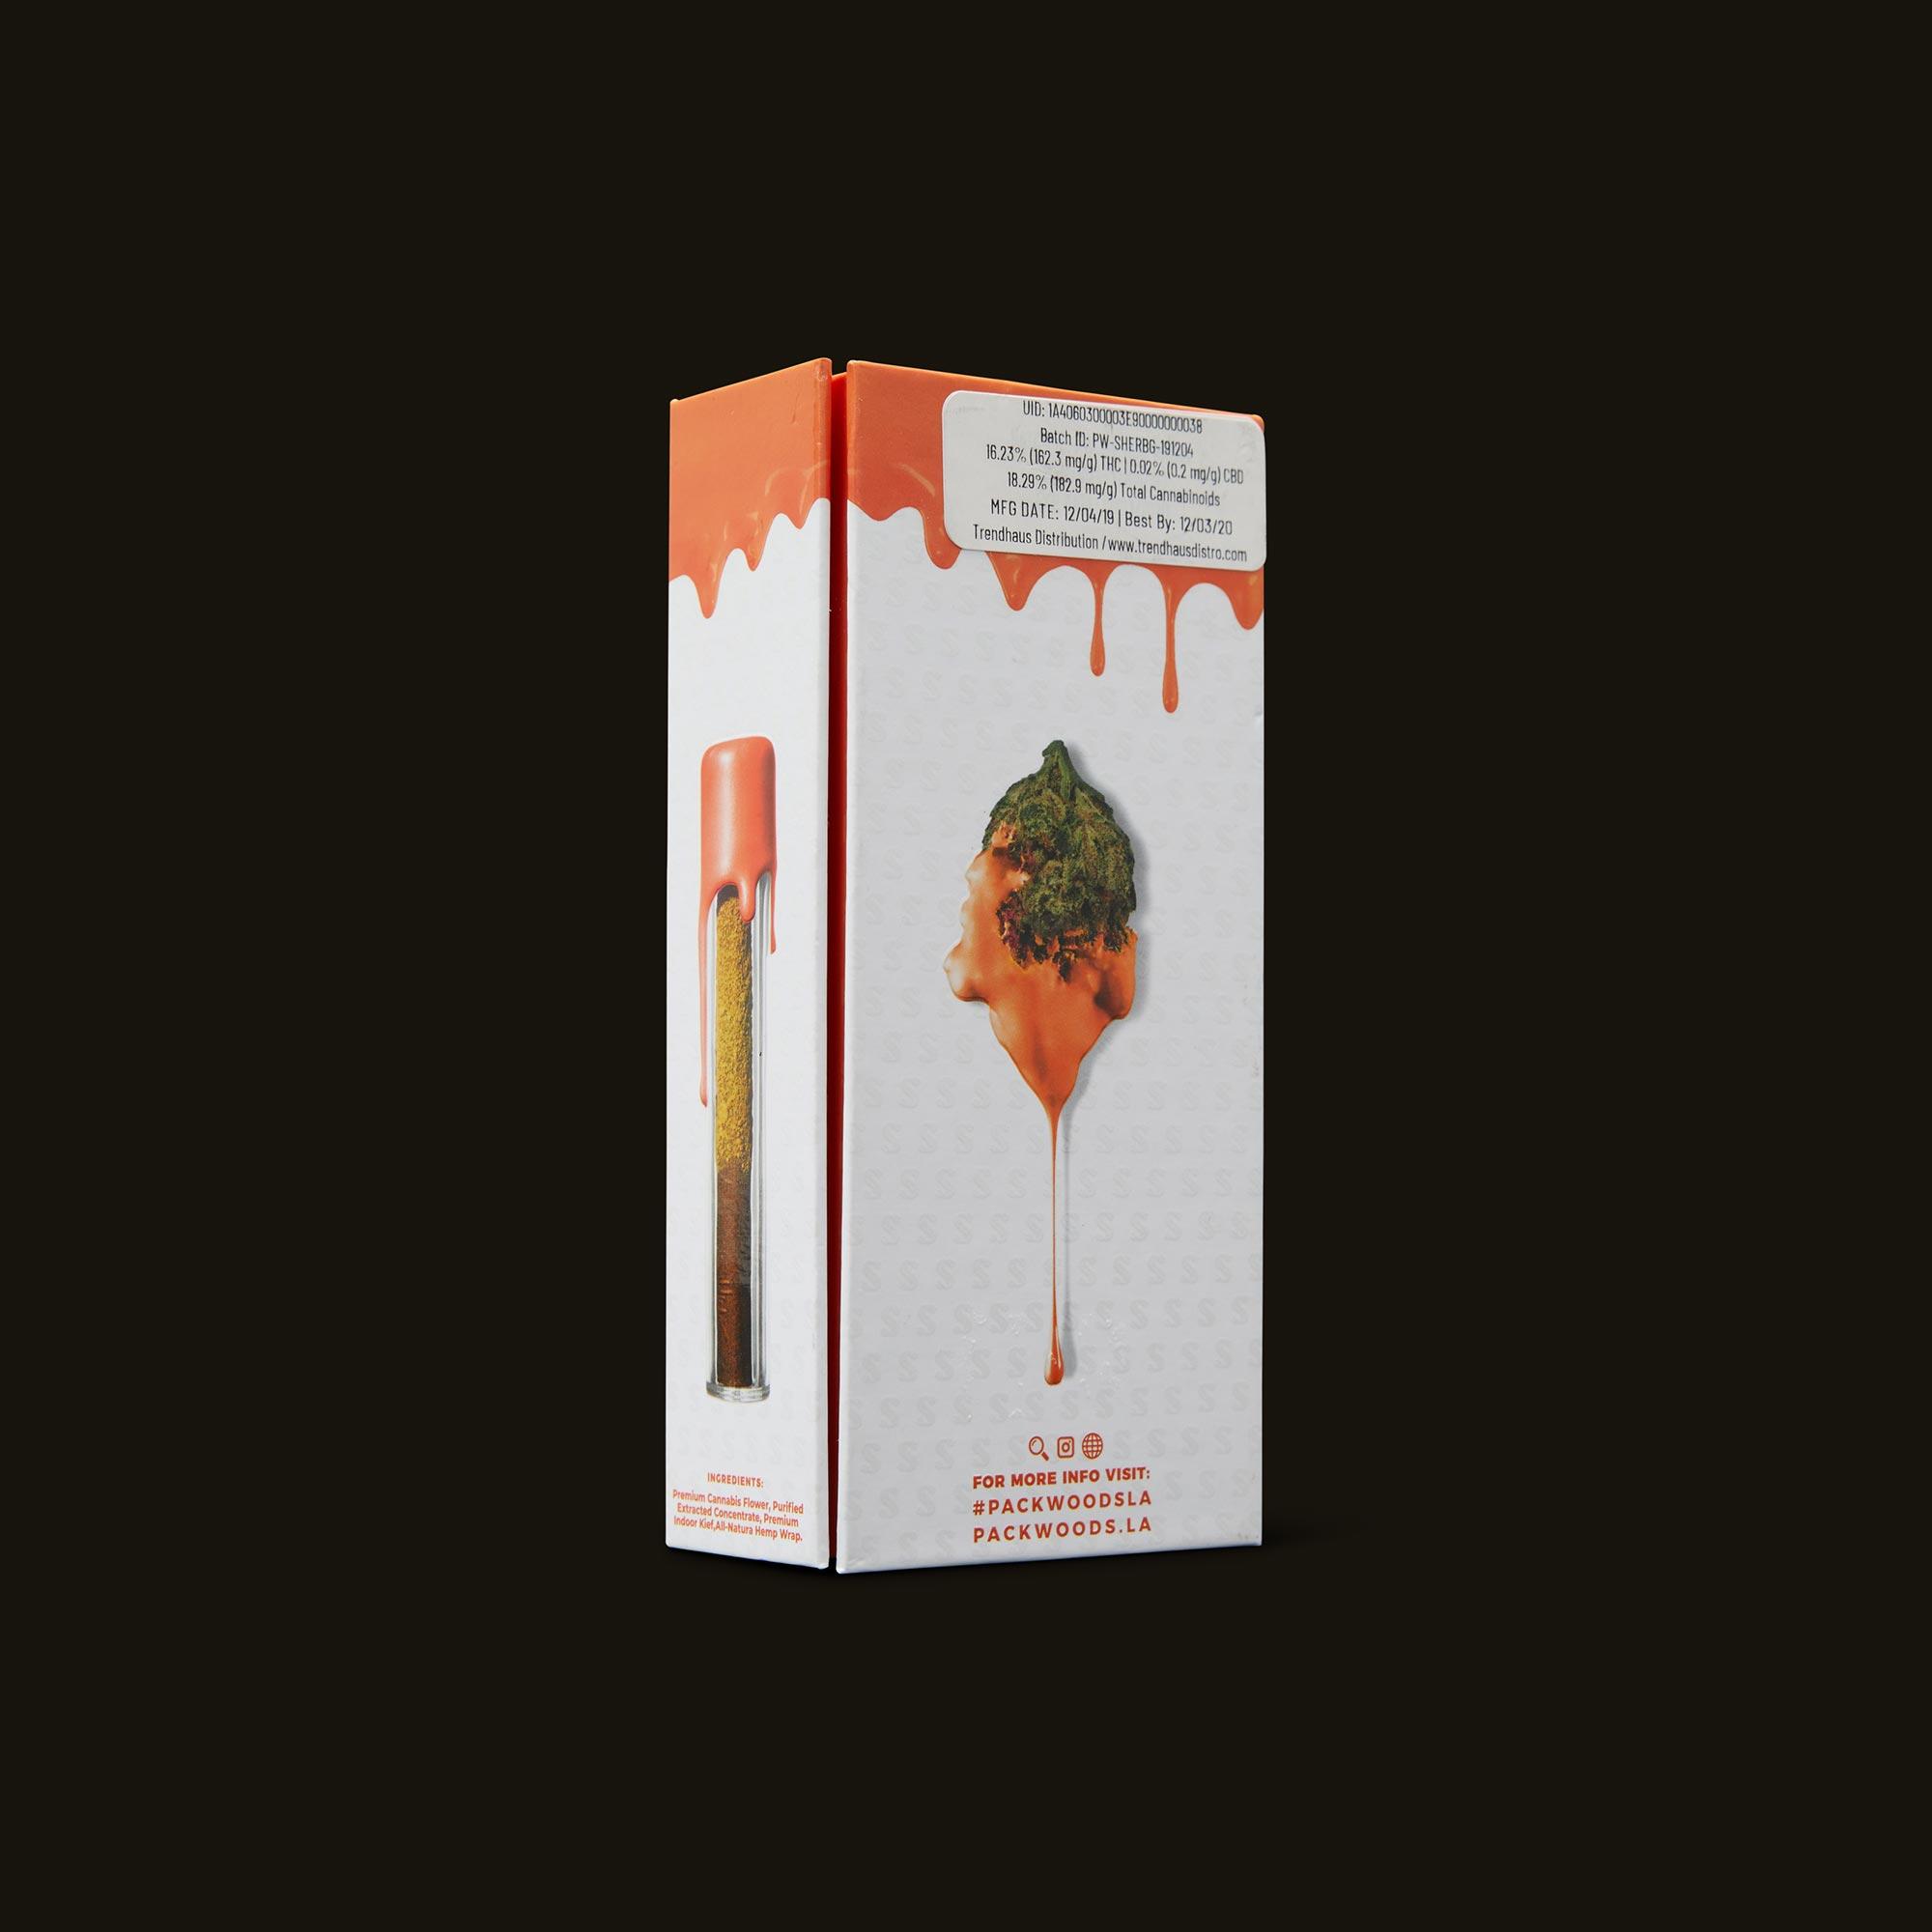 Packwoods Sherbinskis x Packwoods Bacio Gelato Blunt Back Packaging